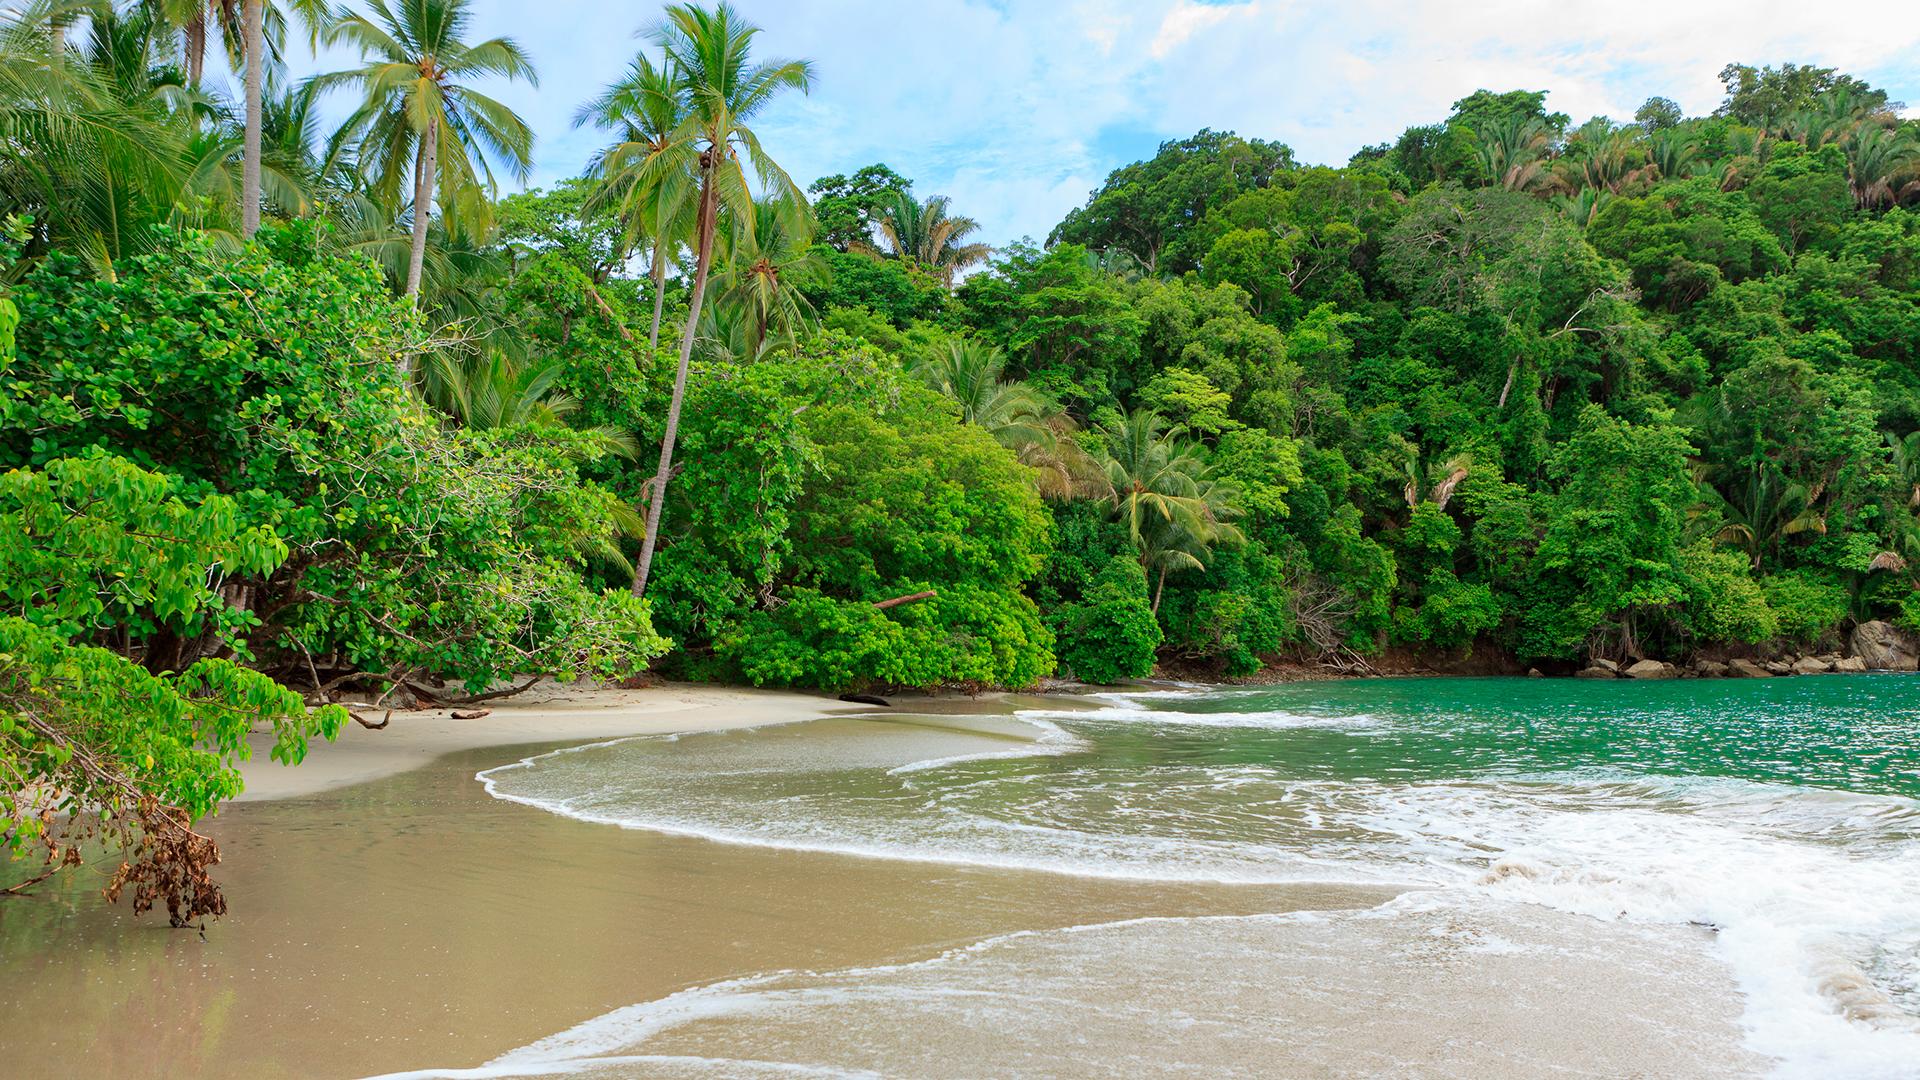 Ubicada dentro de un Parque Nacional, está a unos 100 kilómetros de San José. La playa, de aguas tibias, se fusiona con la zona montañosa, por lo que hay una gran presencia de variada vegetación y fauna. Un lugar perfecto para los amantes de la naturaleza